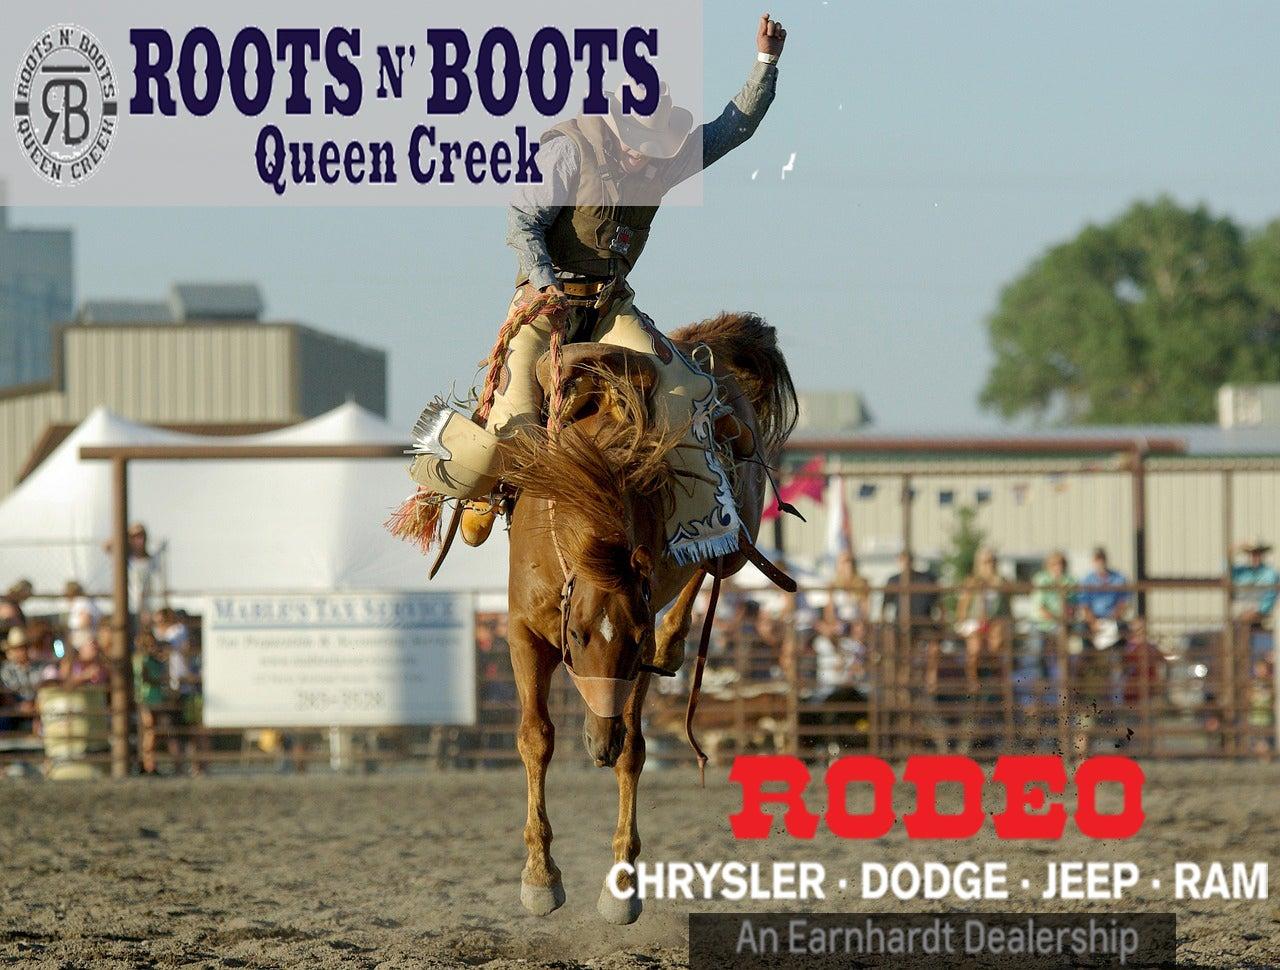 Roots N Boots Rodeo Cdjr Dealer In Queen Creek Az